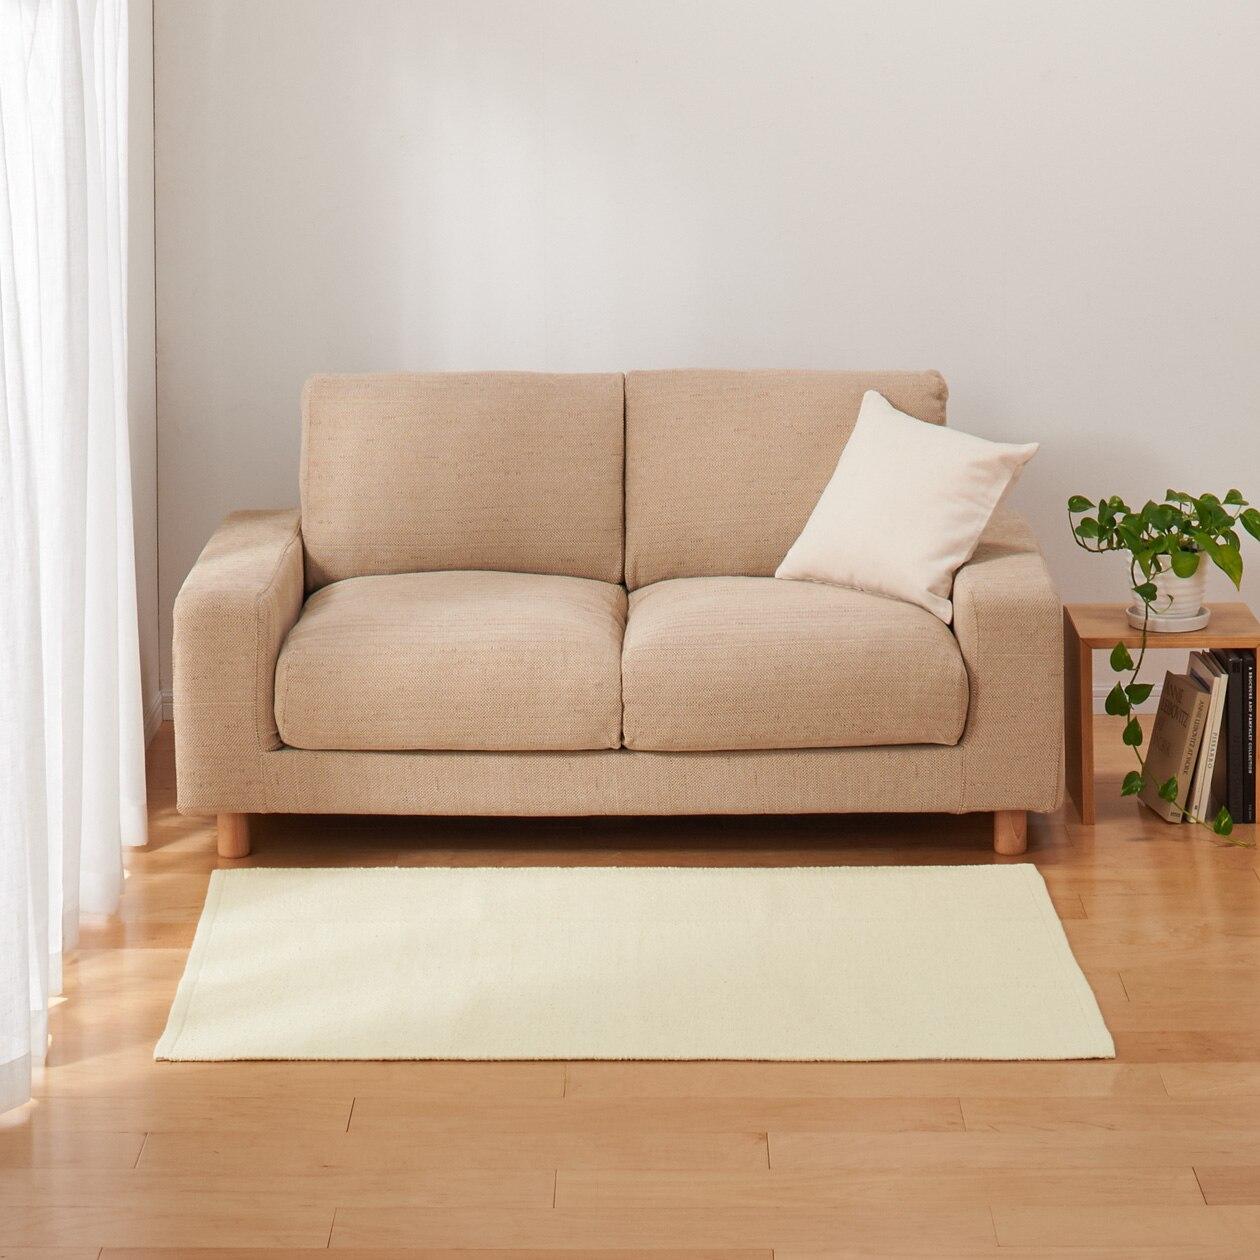 インド綿手織ラグ/ダークグレー 100×140cm/生成